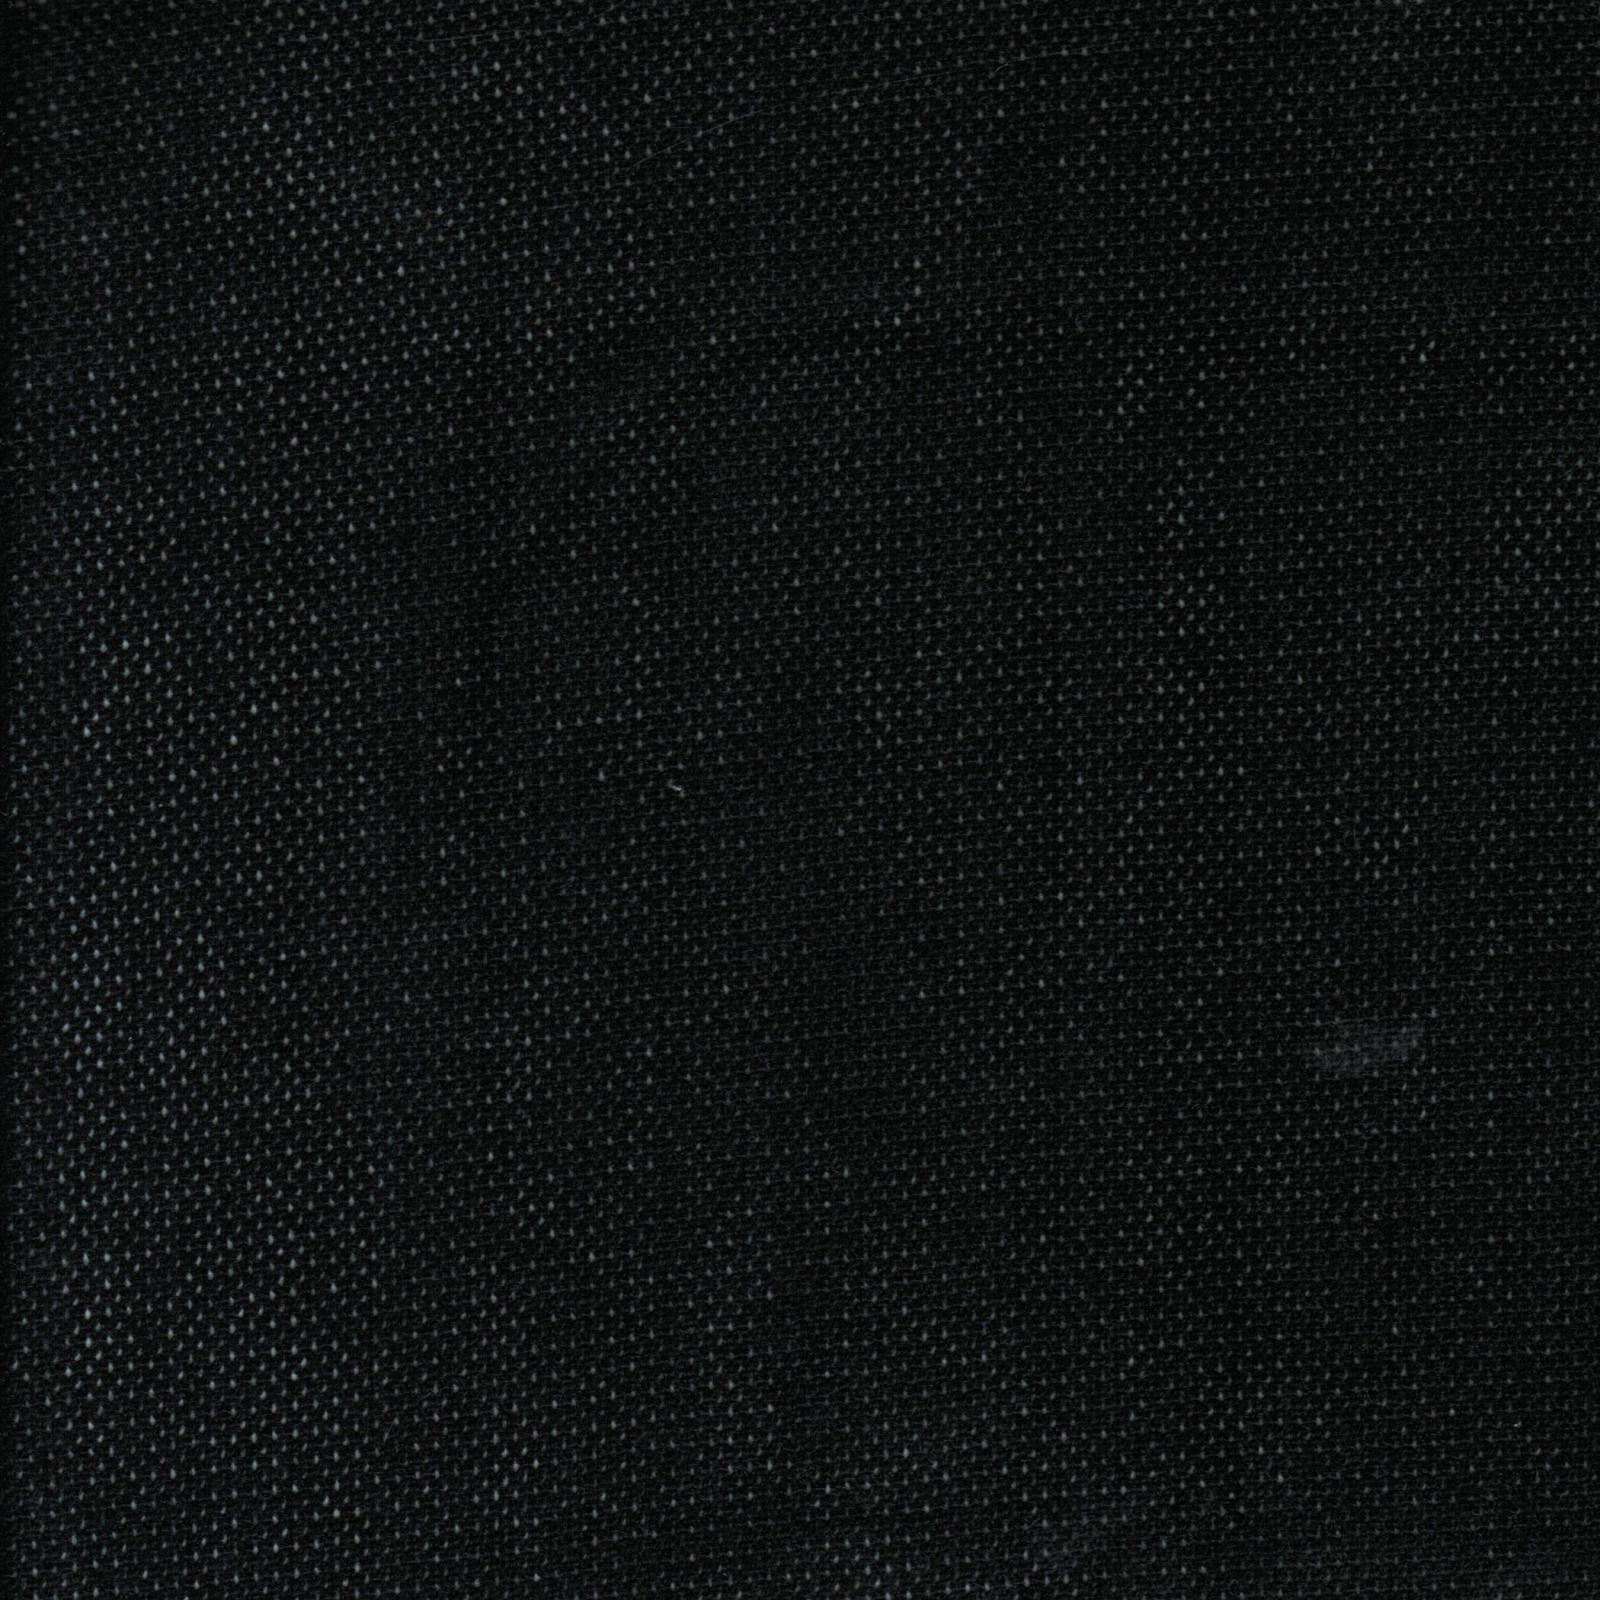 MRSK0056/3